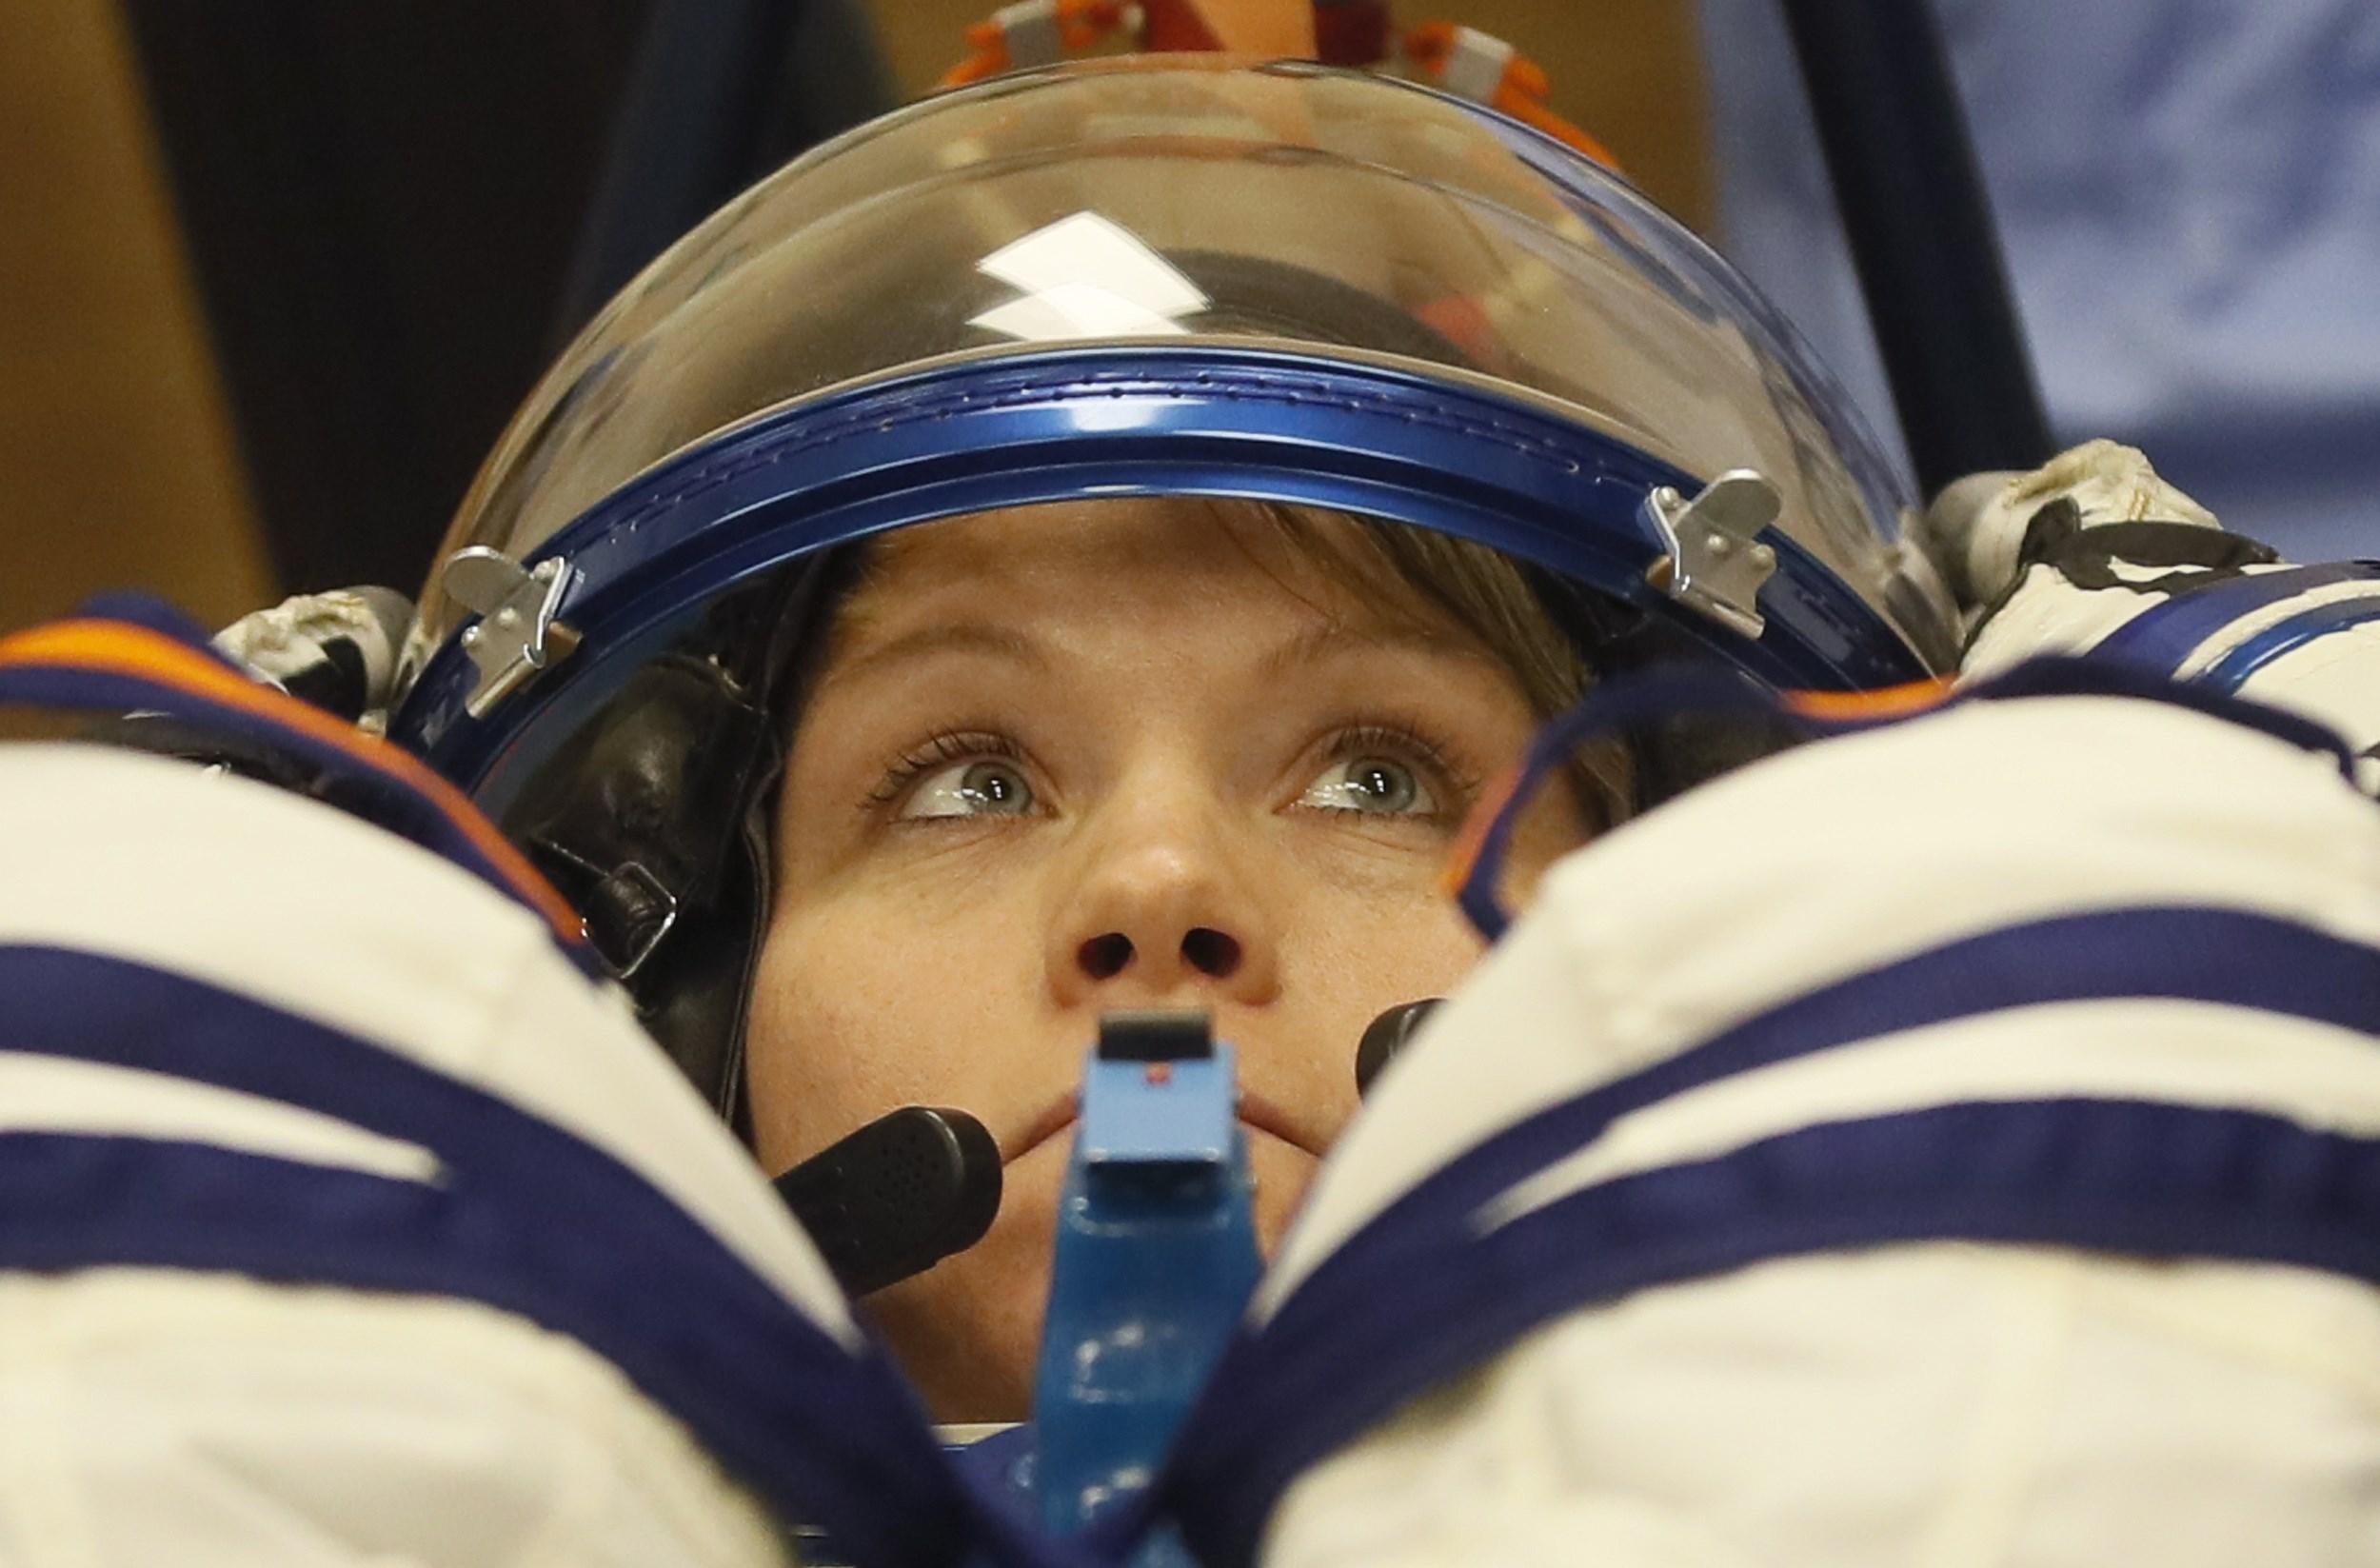 Astronautas de la EEI concluyen caminata espacial reemplazando baterías